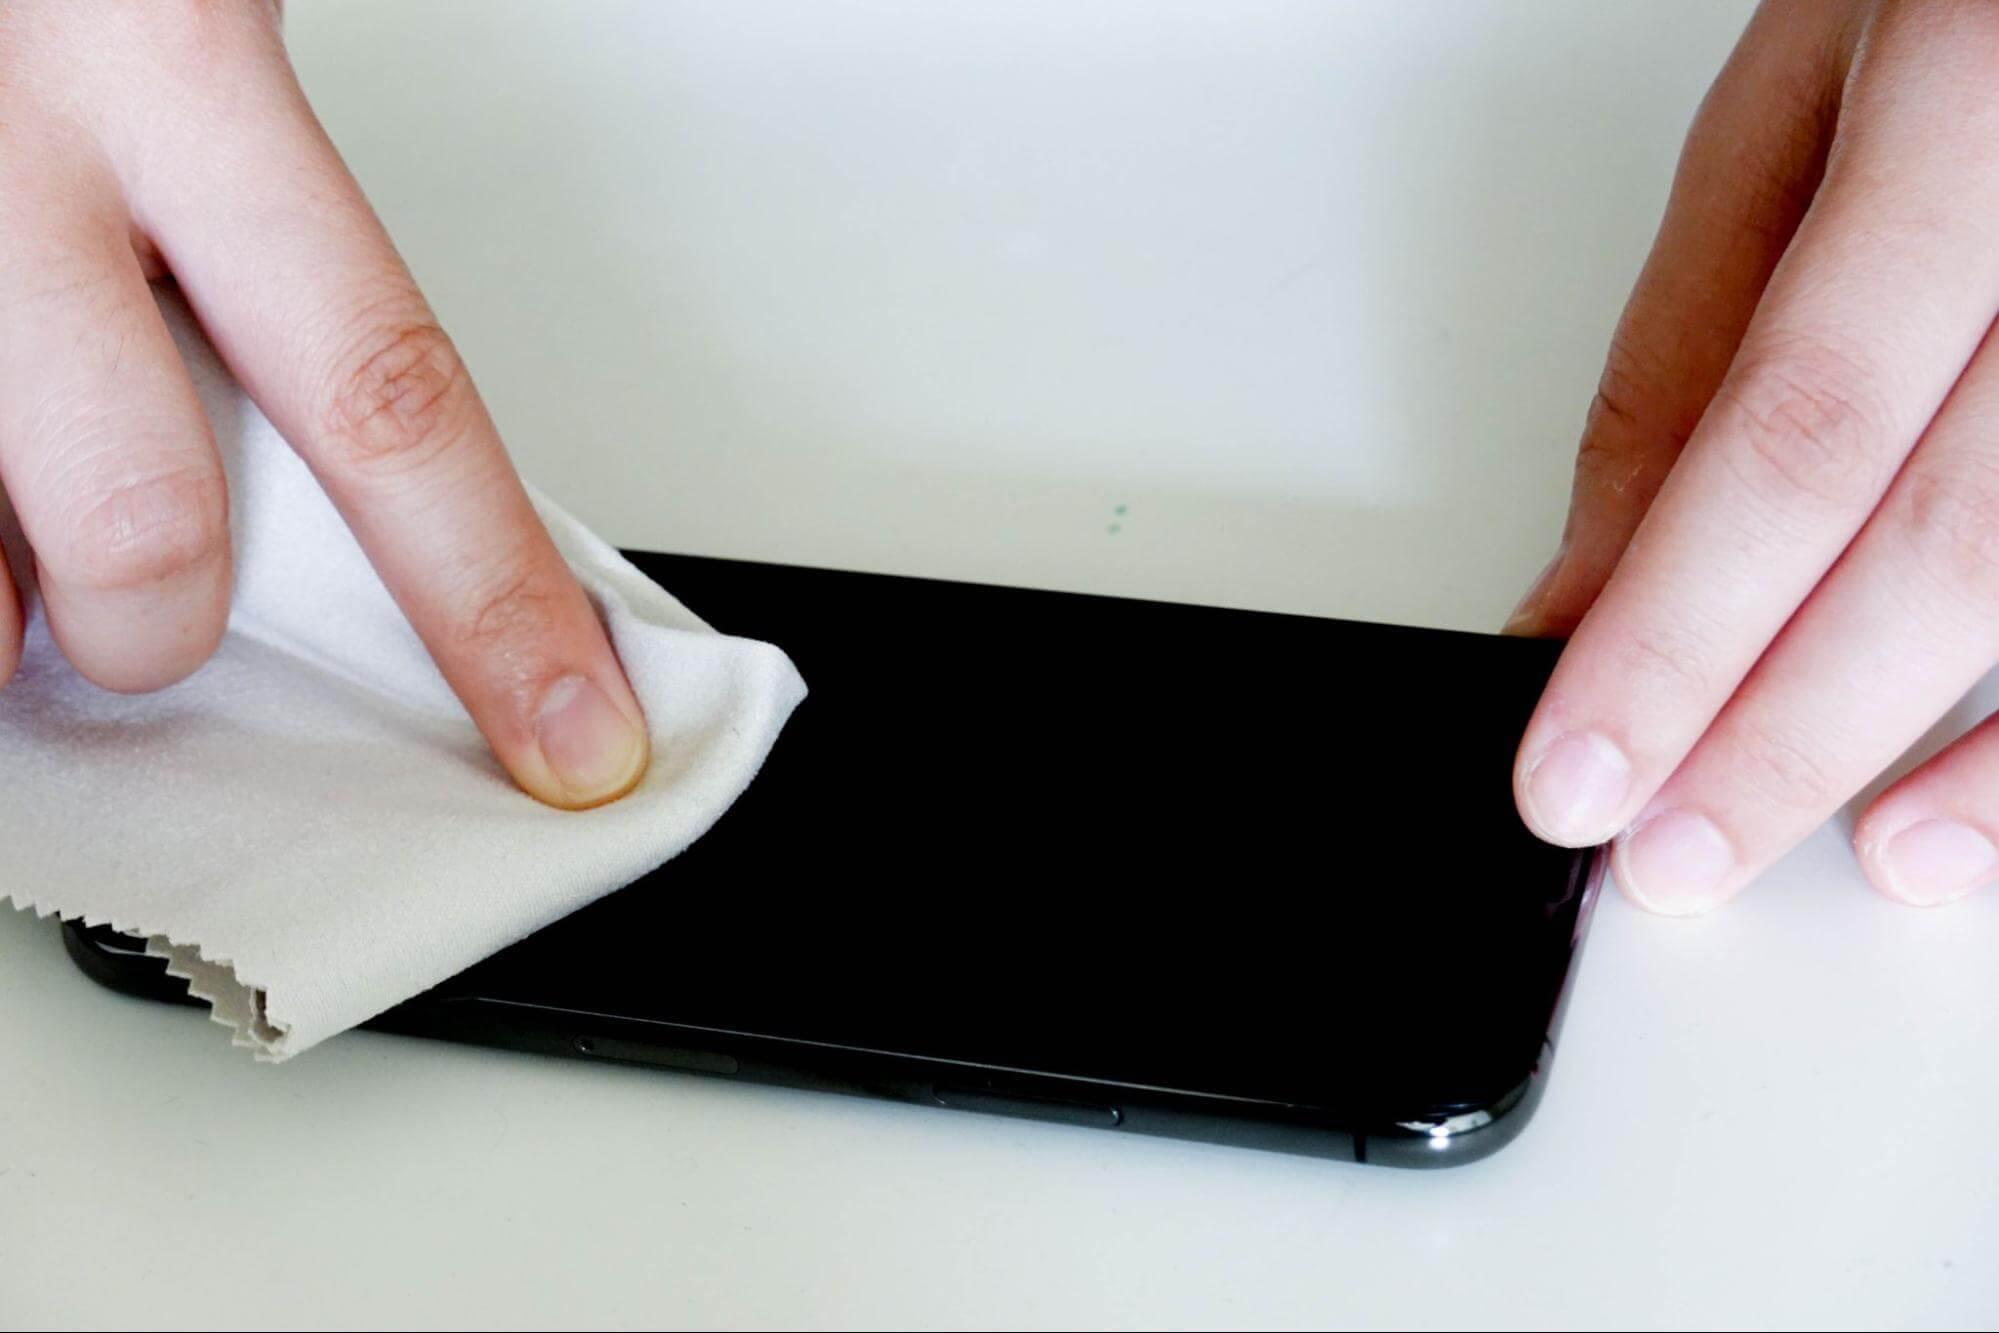 貼膜教學3:移除氣泡並檢查是否貼好